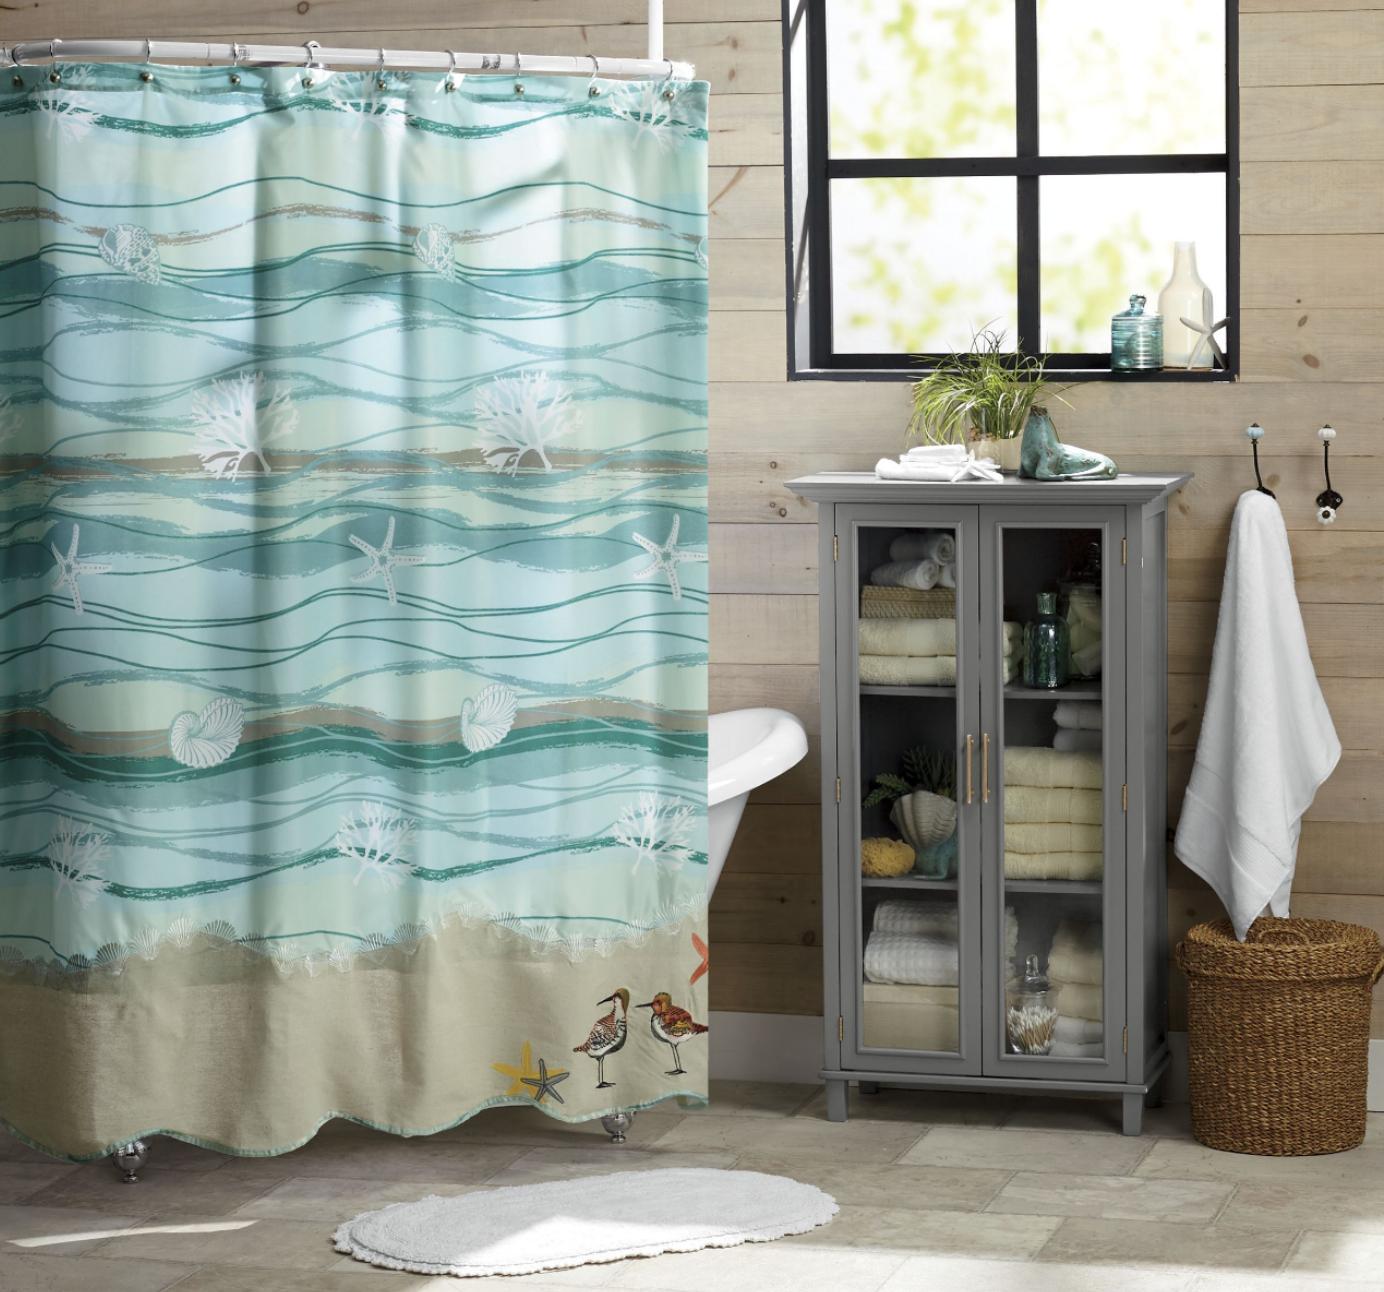 Modern Bathroom Decor, Curtains